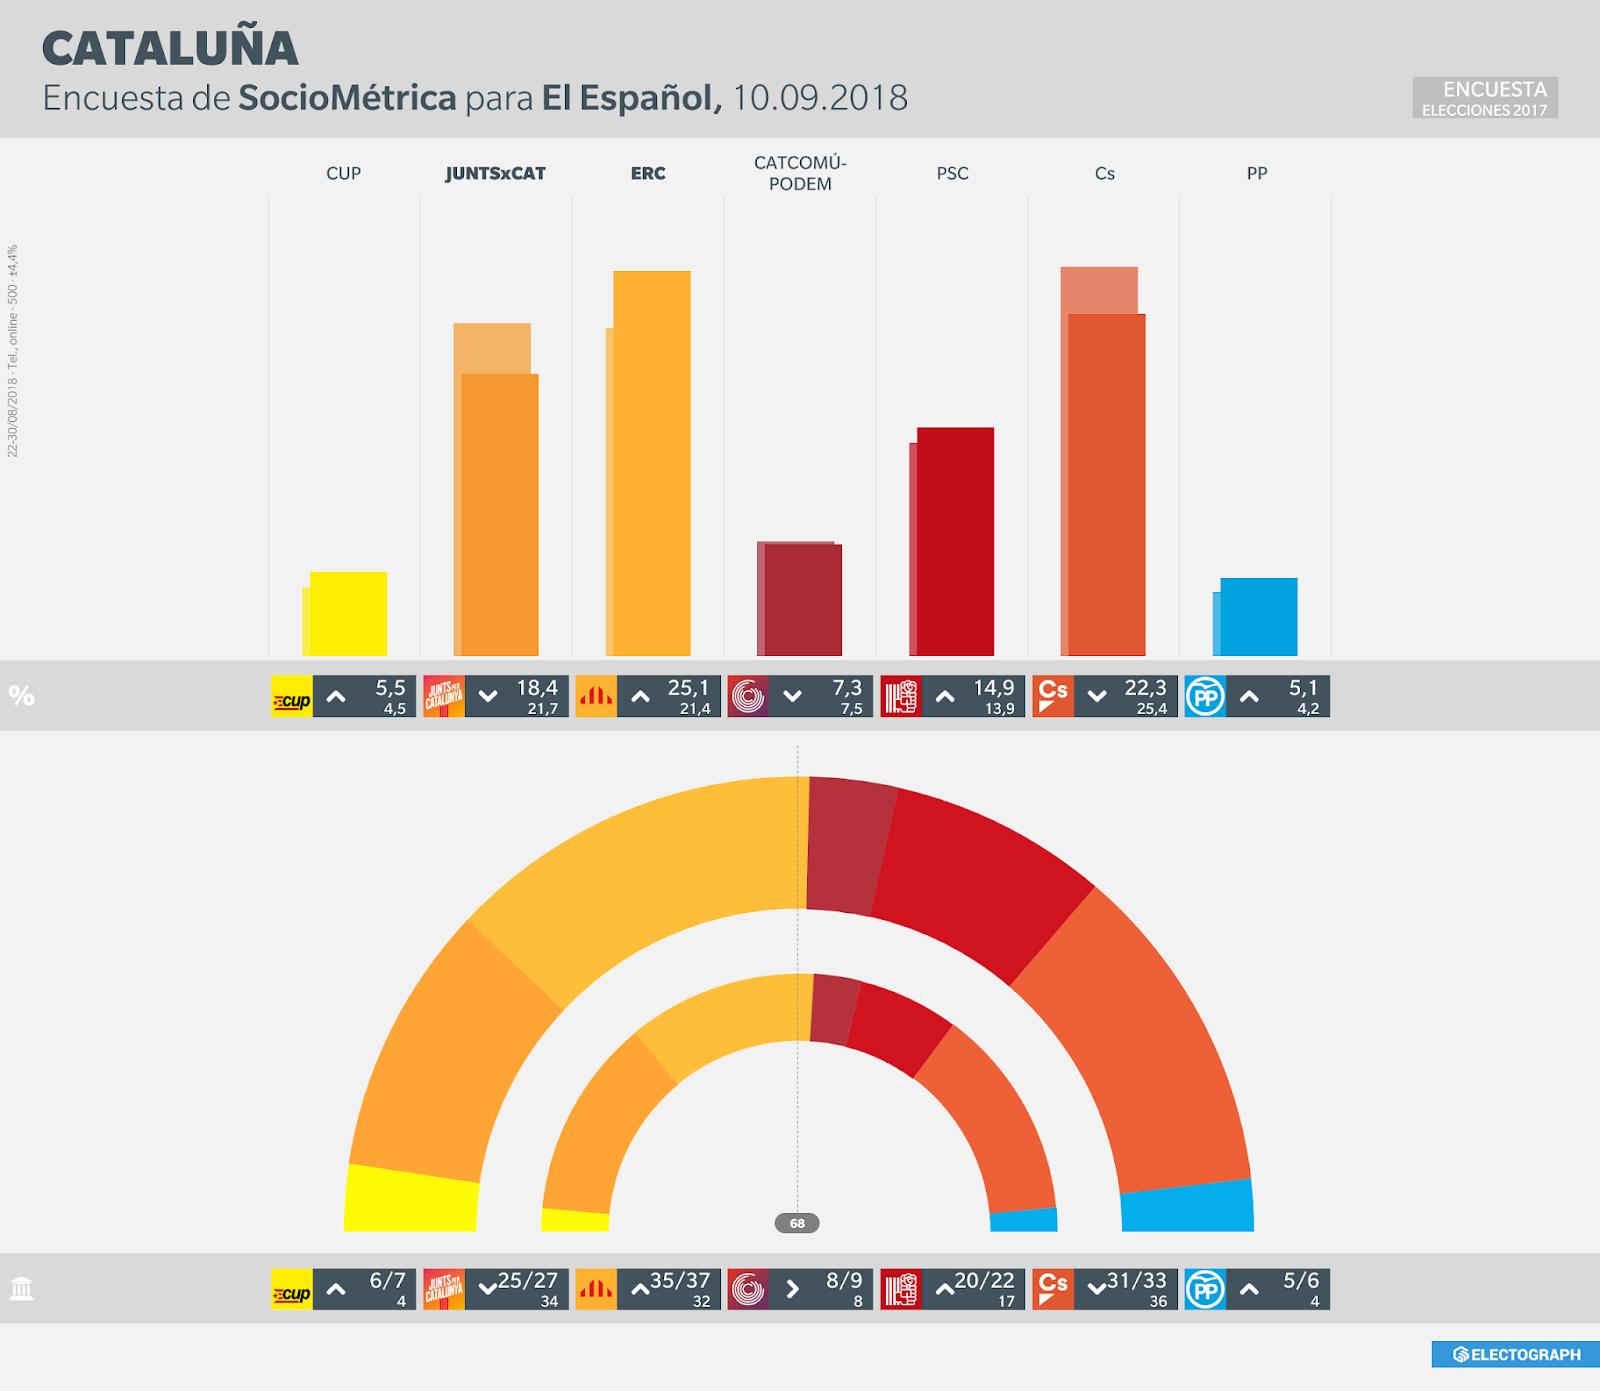 Gráfico de la encuesta para elecciones autonómicas en Cataluña realizada por SocioMétrica para El Español en agosto de 2018